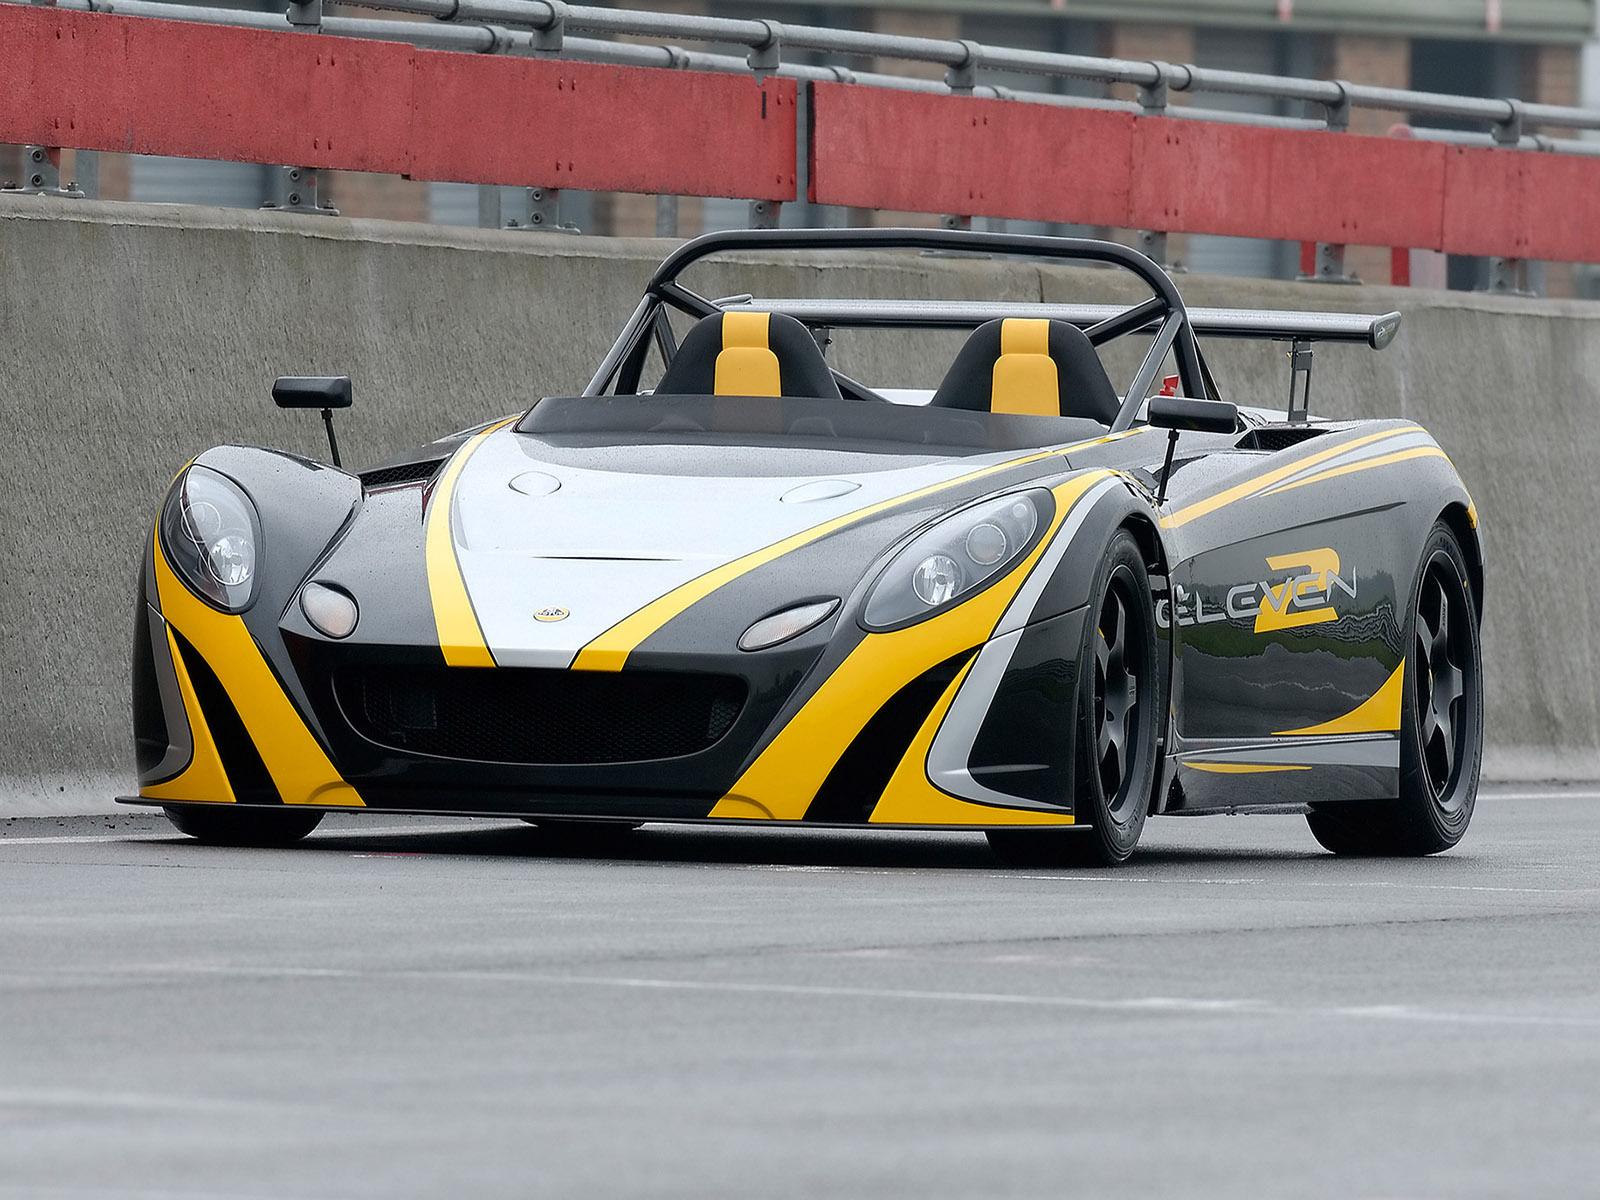 2007 Lotus 2 Eleven